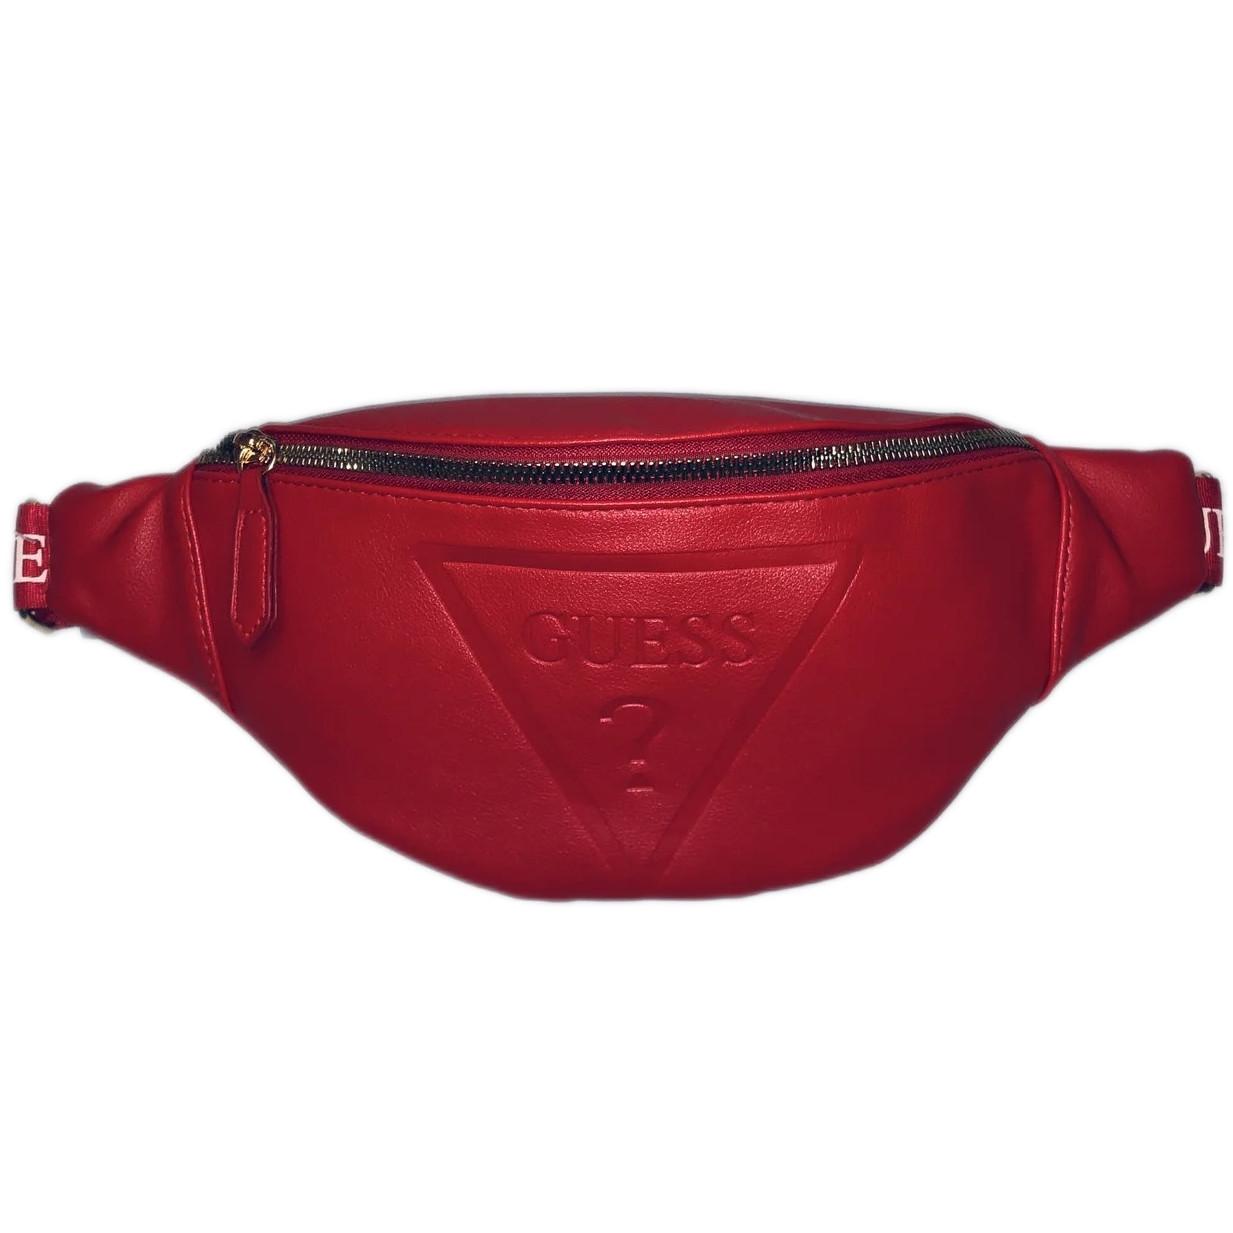 Женская бананка GUESS 067 поясная сумка красная